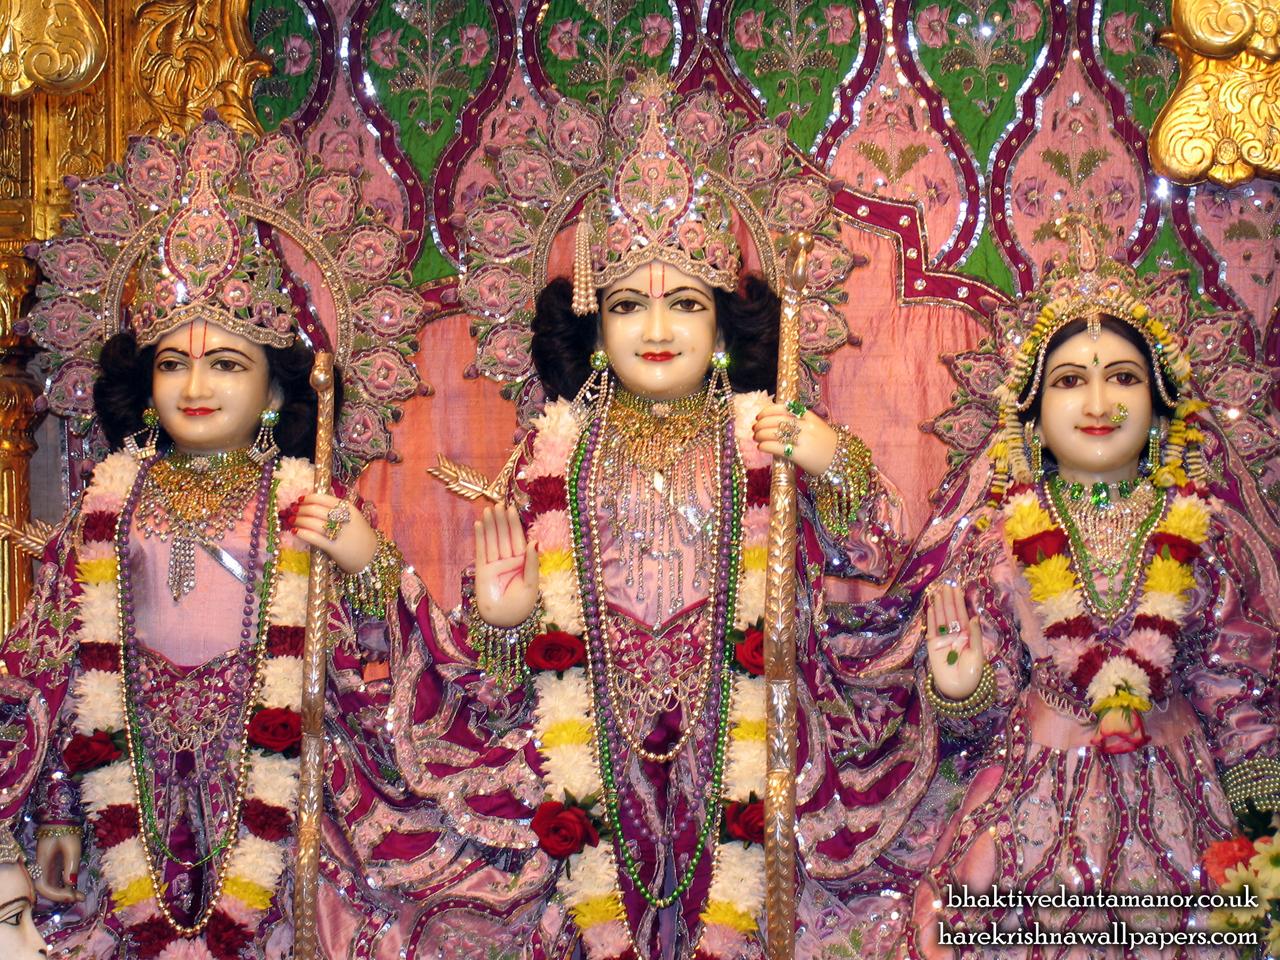 Sri Sri Sita Rama Laxman Close up Wallpaper (003) Size 1280x960 Download